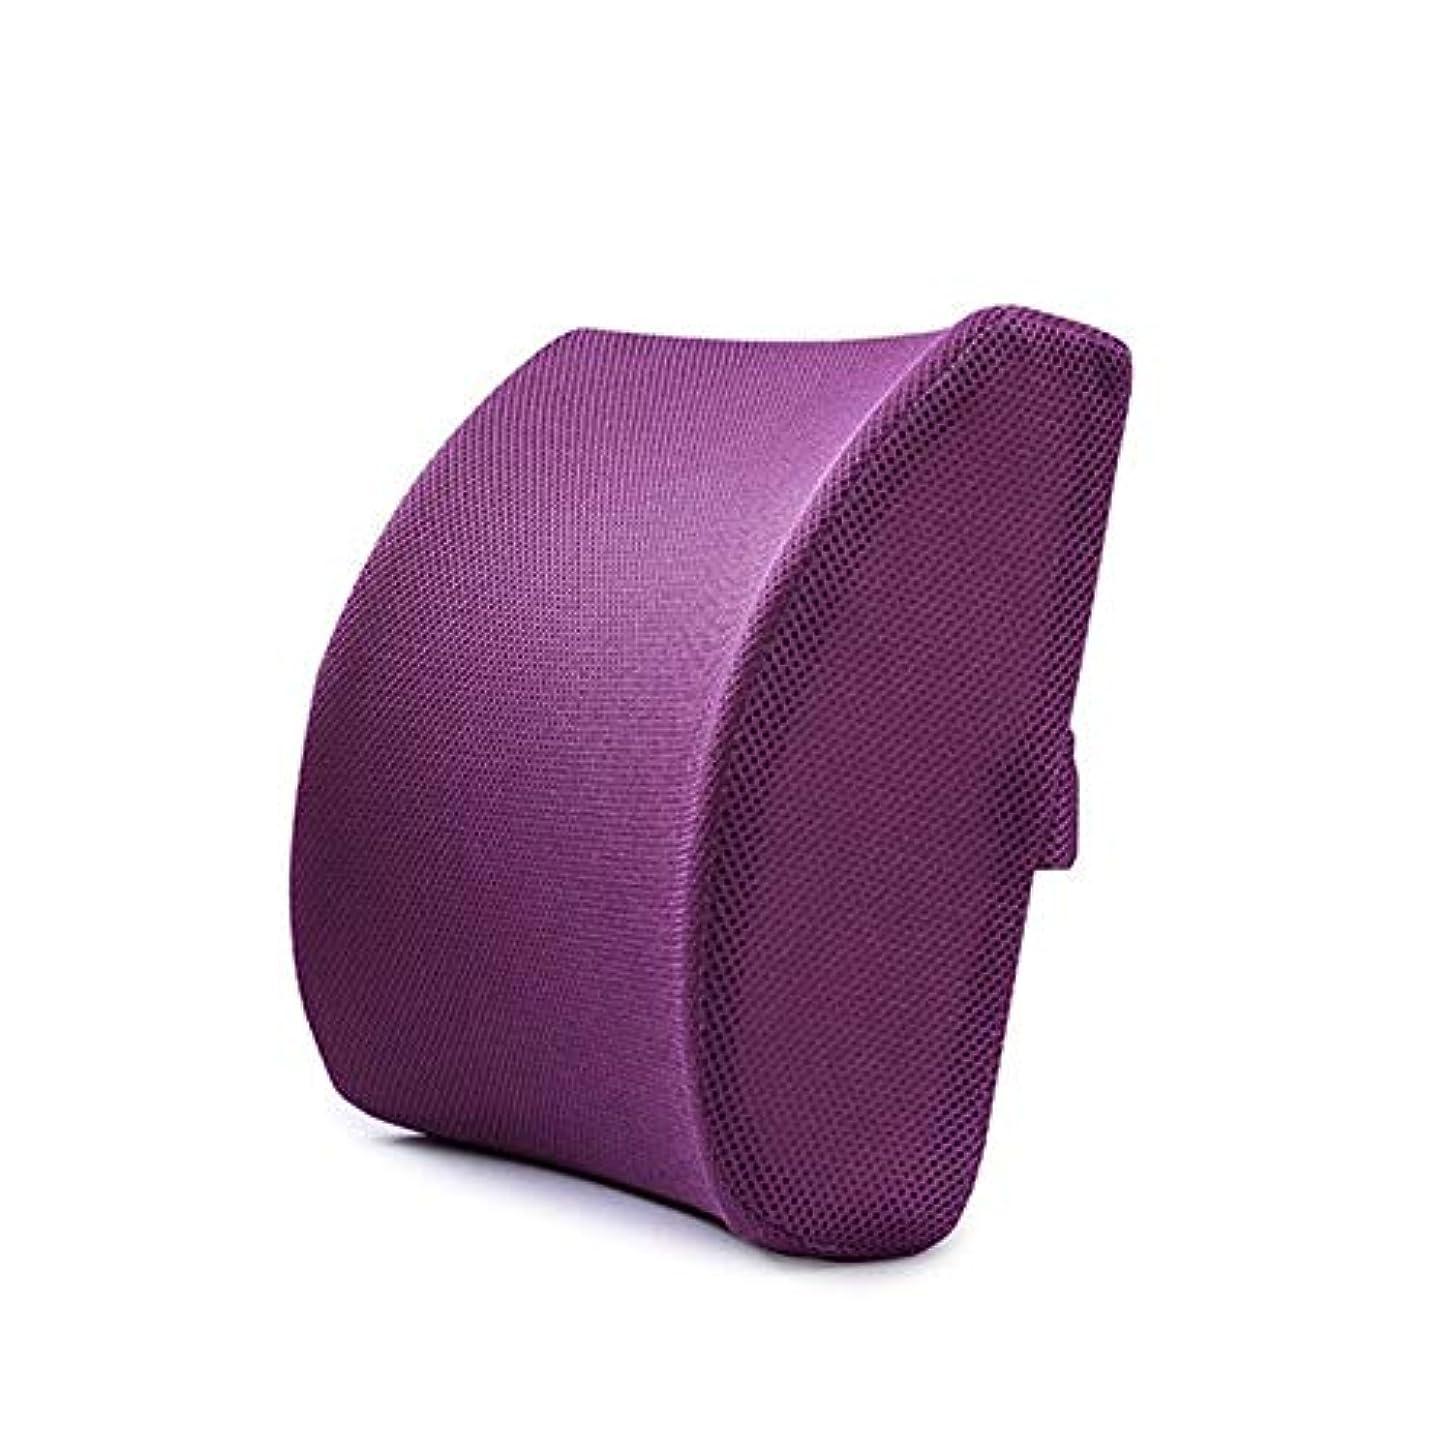 スラック金銭的な会員LIFE ホームオフィス背もたれ椅子腰椎クッションカーシートネック枕 3D 低反発サポートバックマッサージウエストレスリビング枕 クッション 椅子